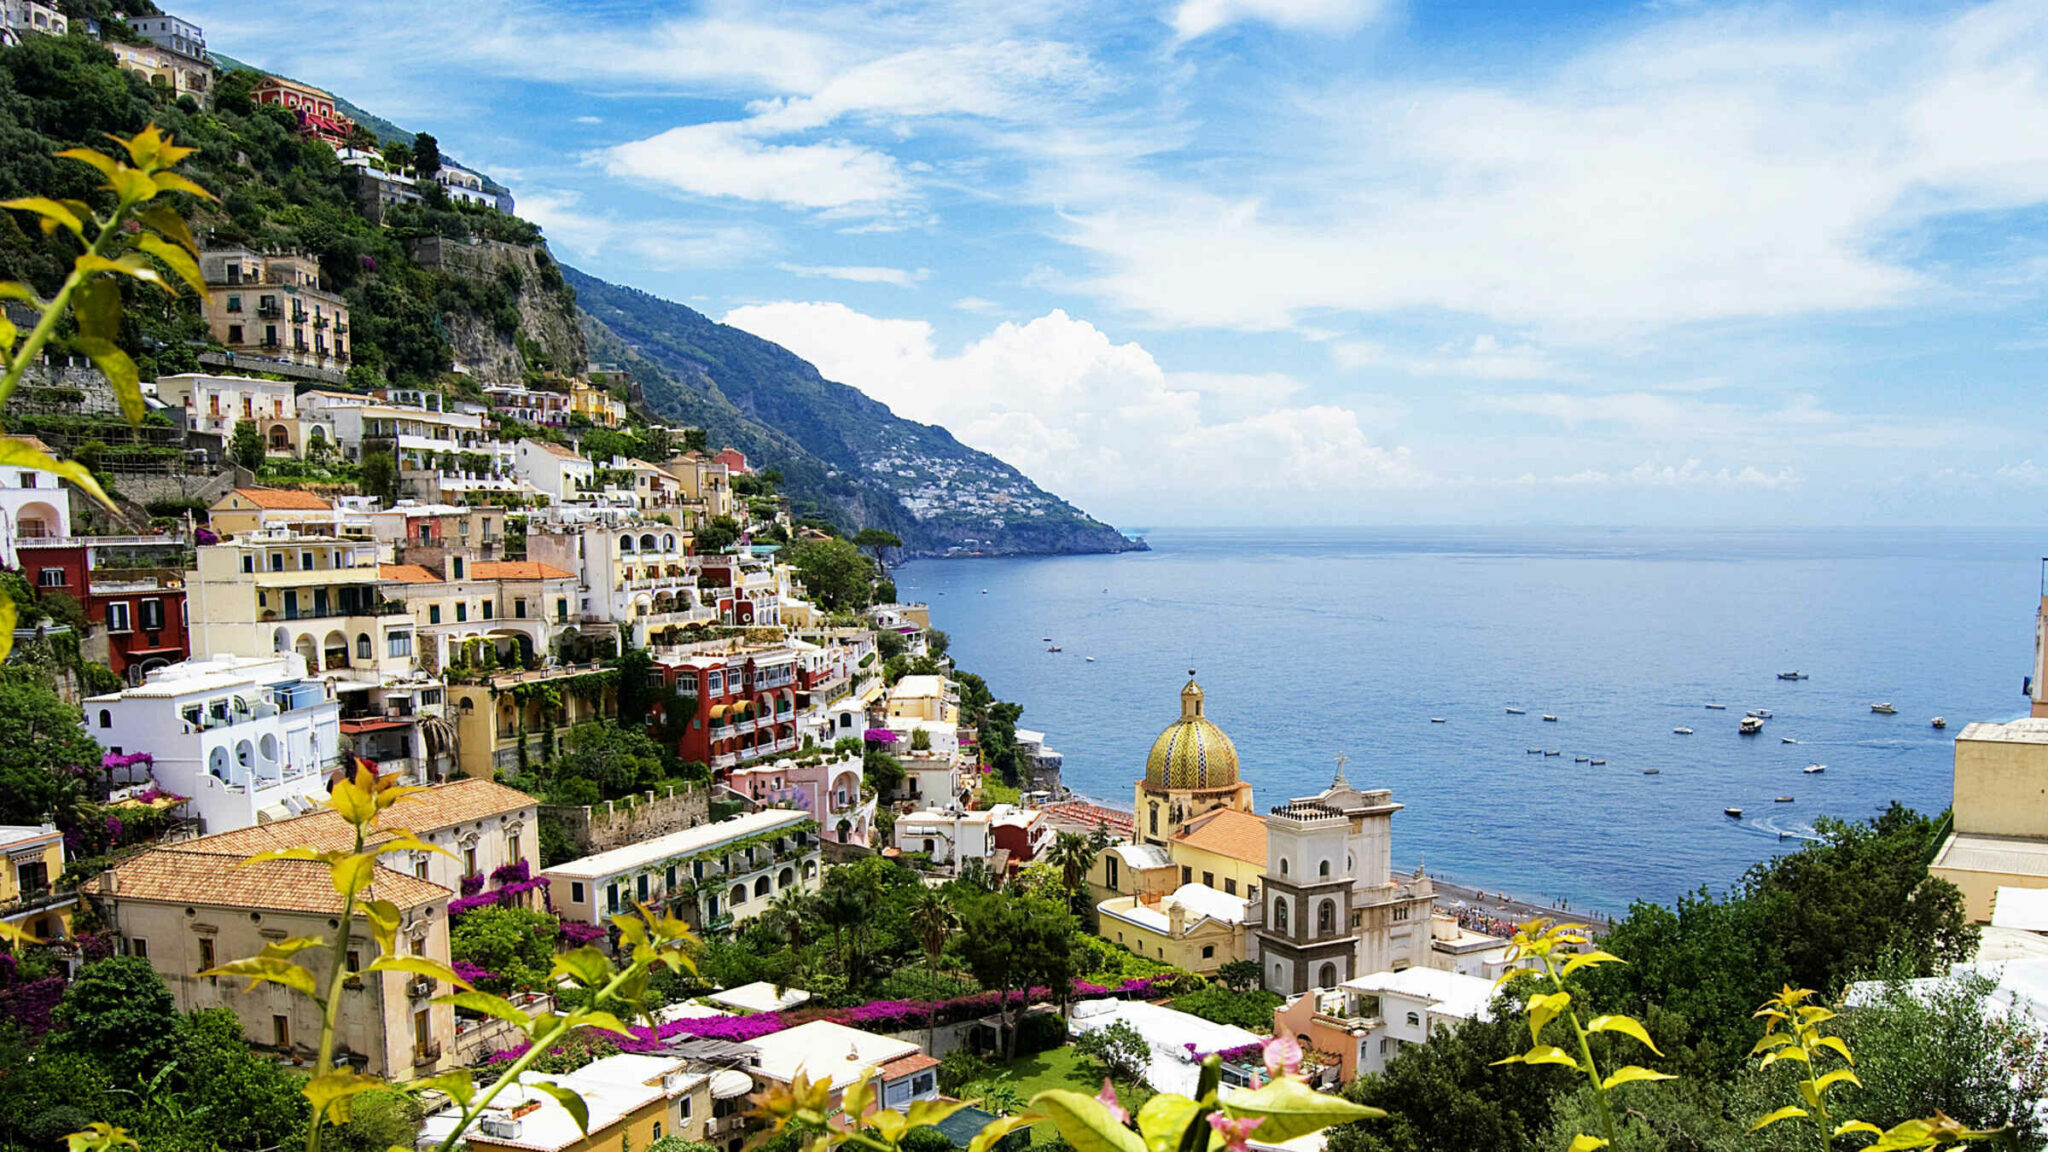 Σορέντο η ομορφία του Νότου της Ιταλίας